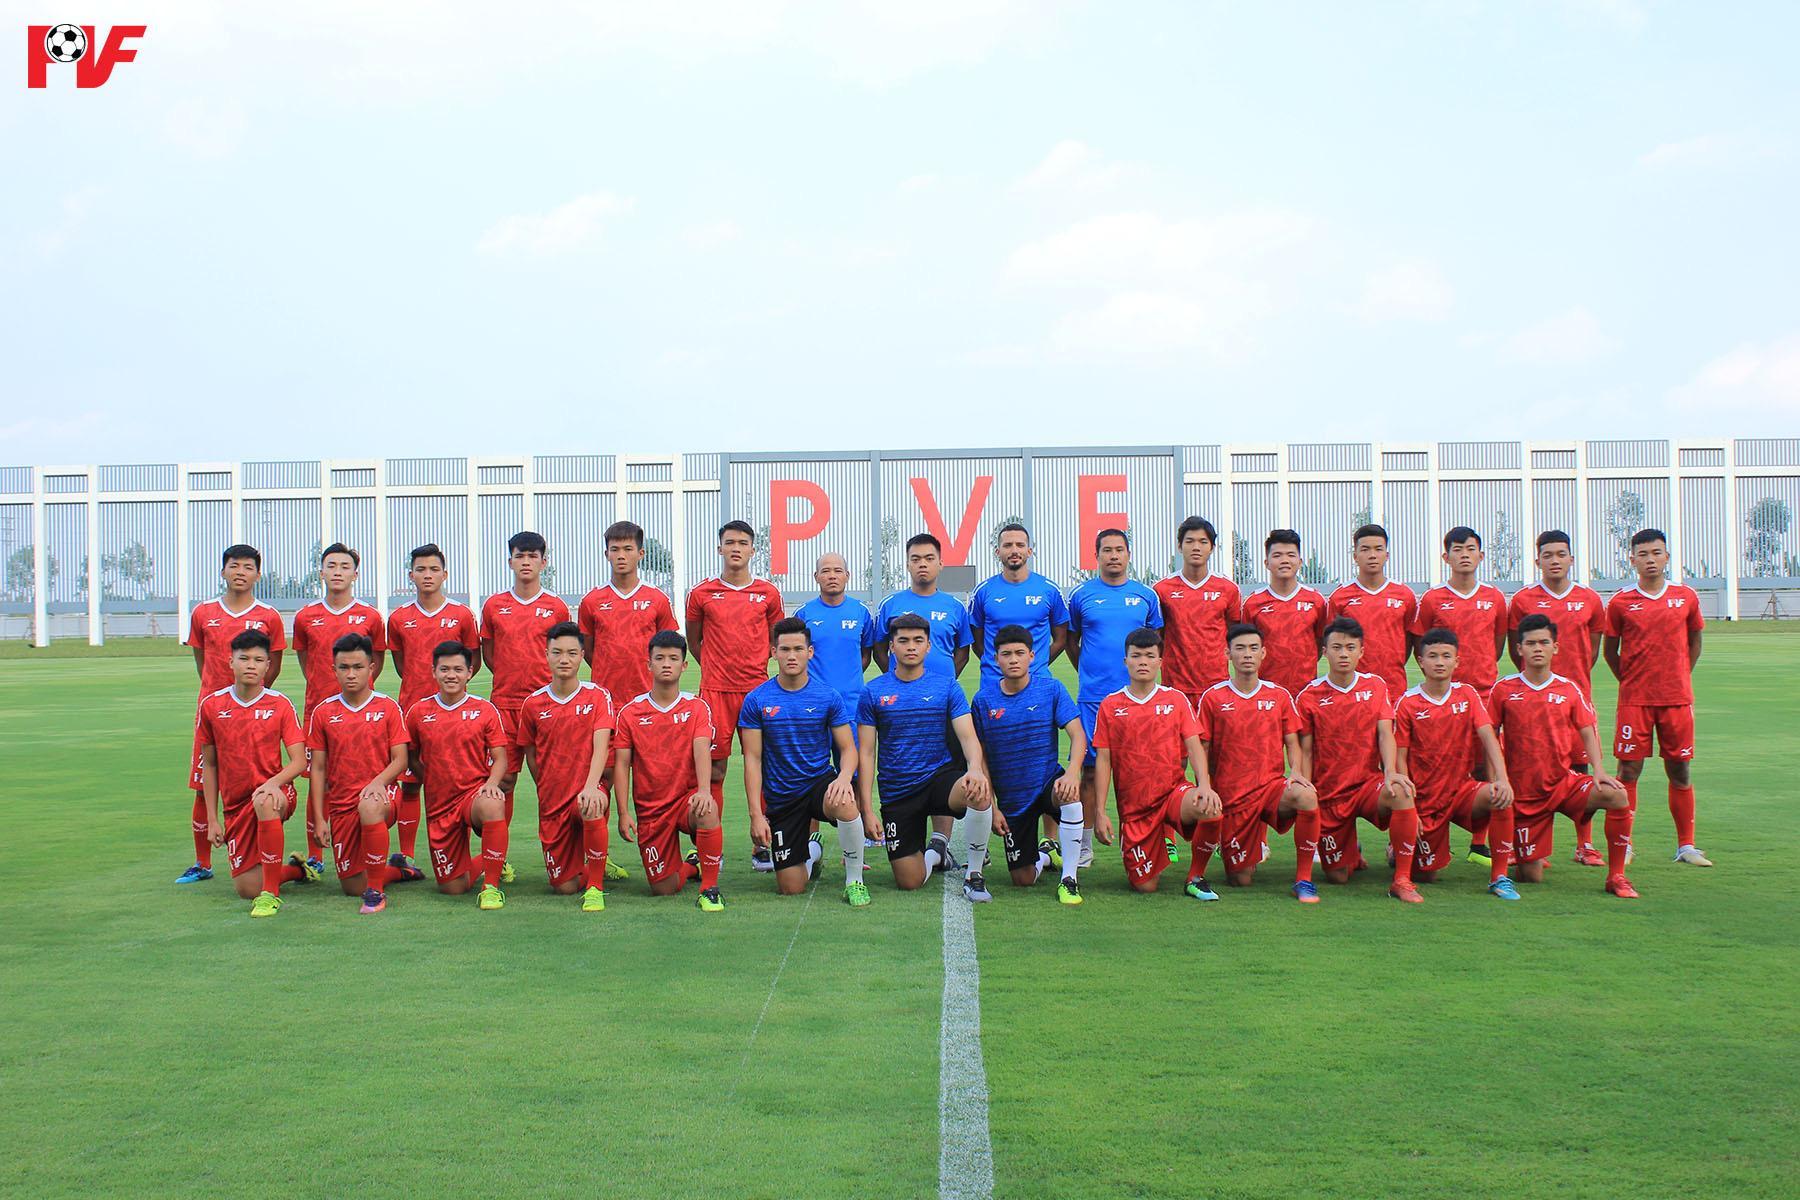 """PVF là """"lò đạo tạo bậc nhất châu Á"""", khiến Đông Nam Á ngược nhìn - Ảnh 1."""